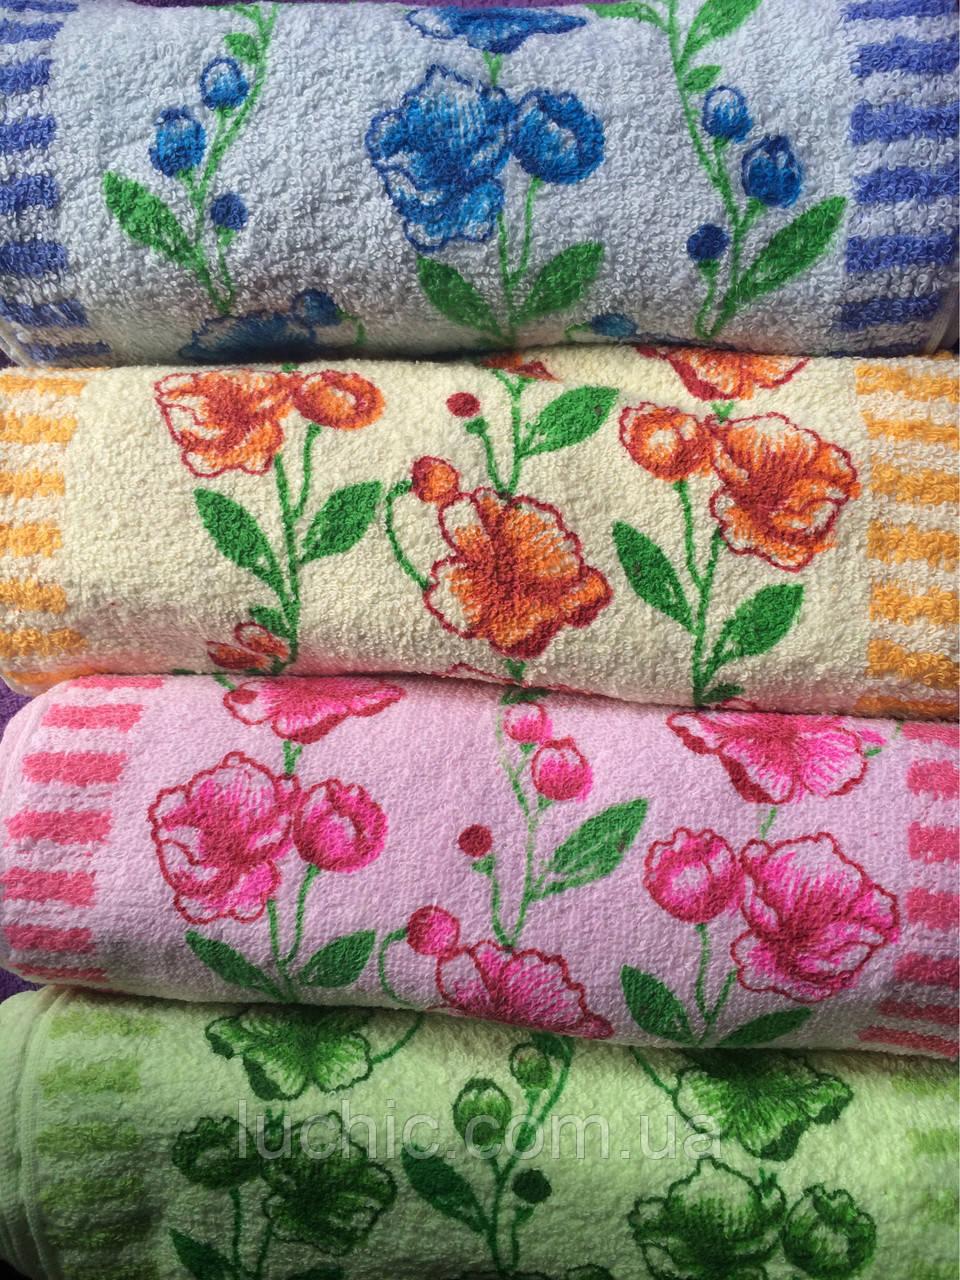 Кухонные полотенце Незабудки ассорти  25х50 20 шт в упаковке